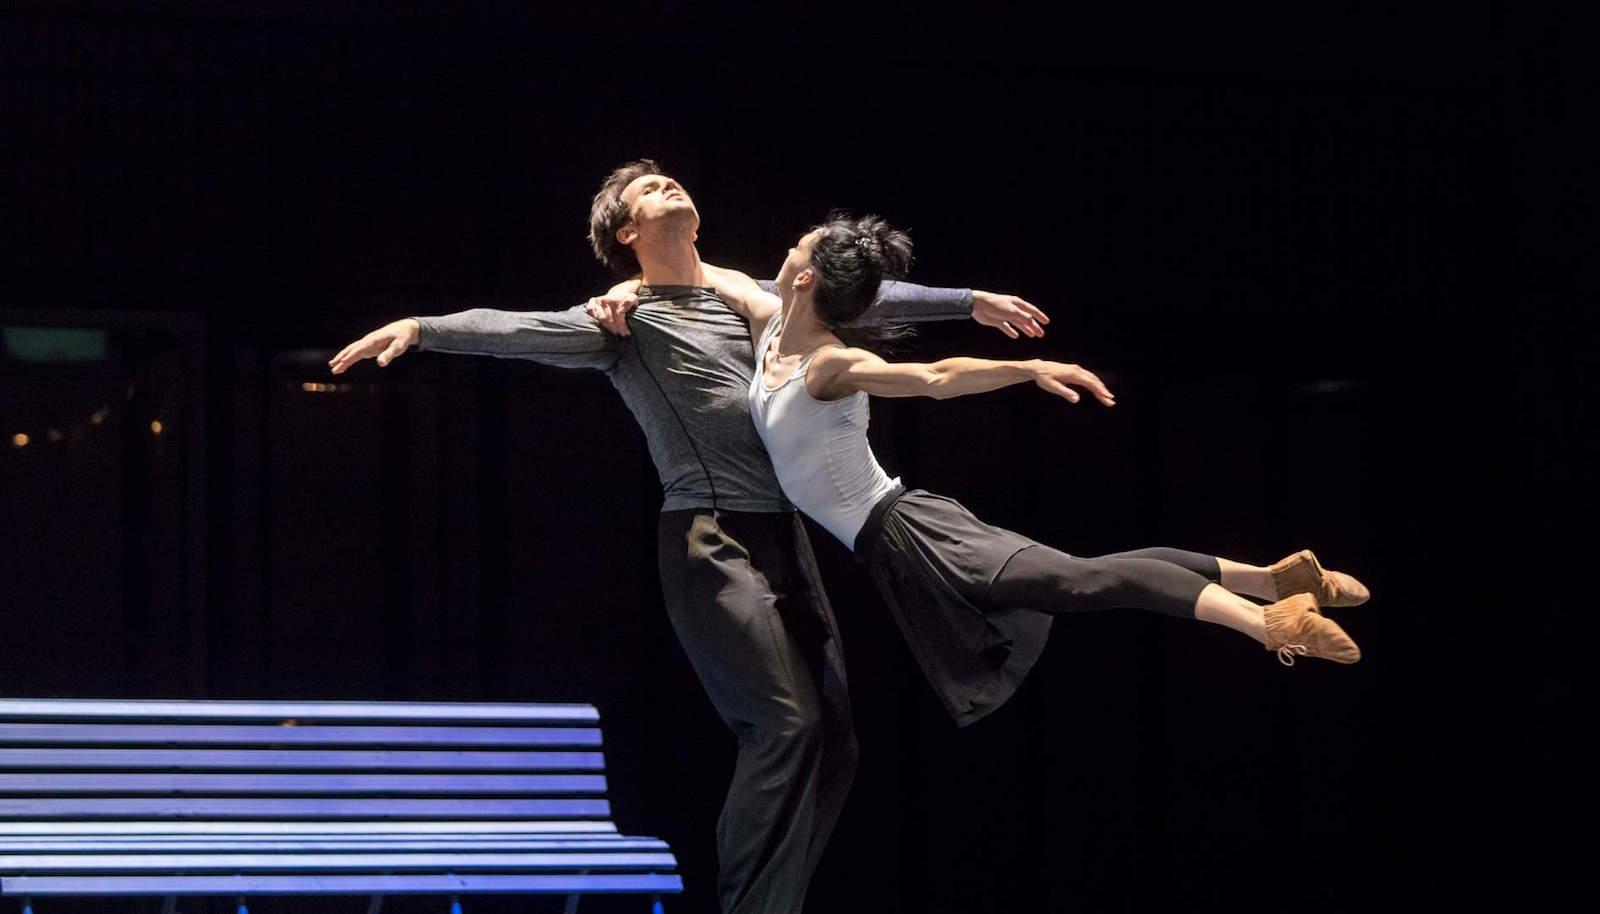 Балет «Эффект Пигмалиона» в Большом театре